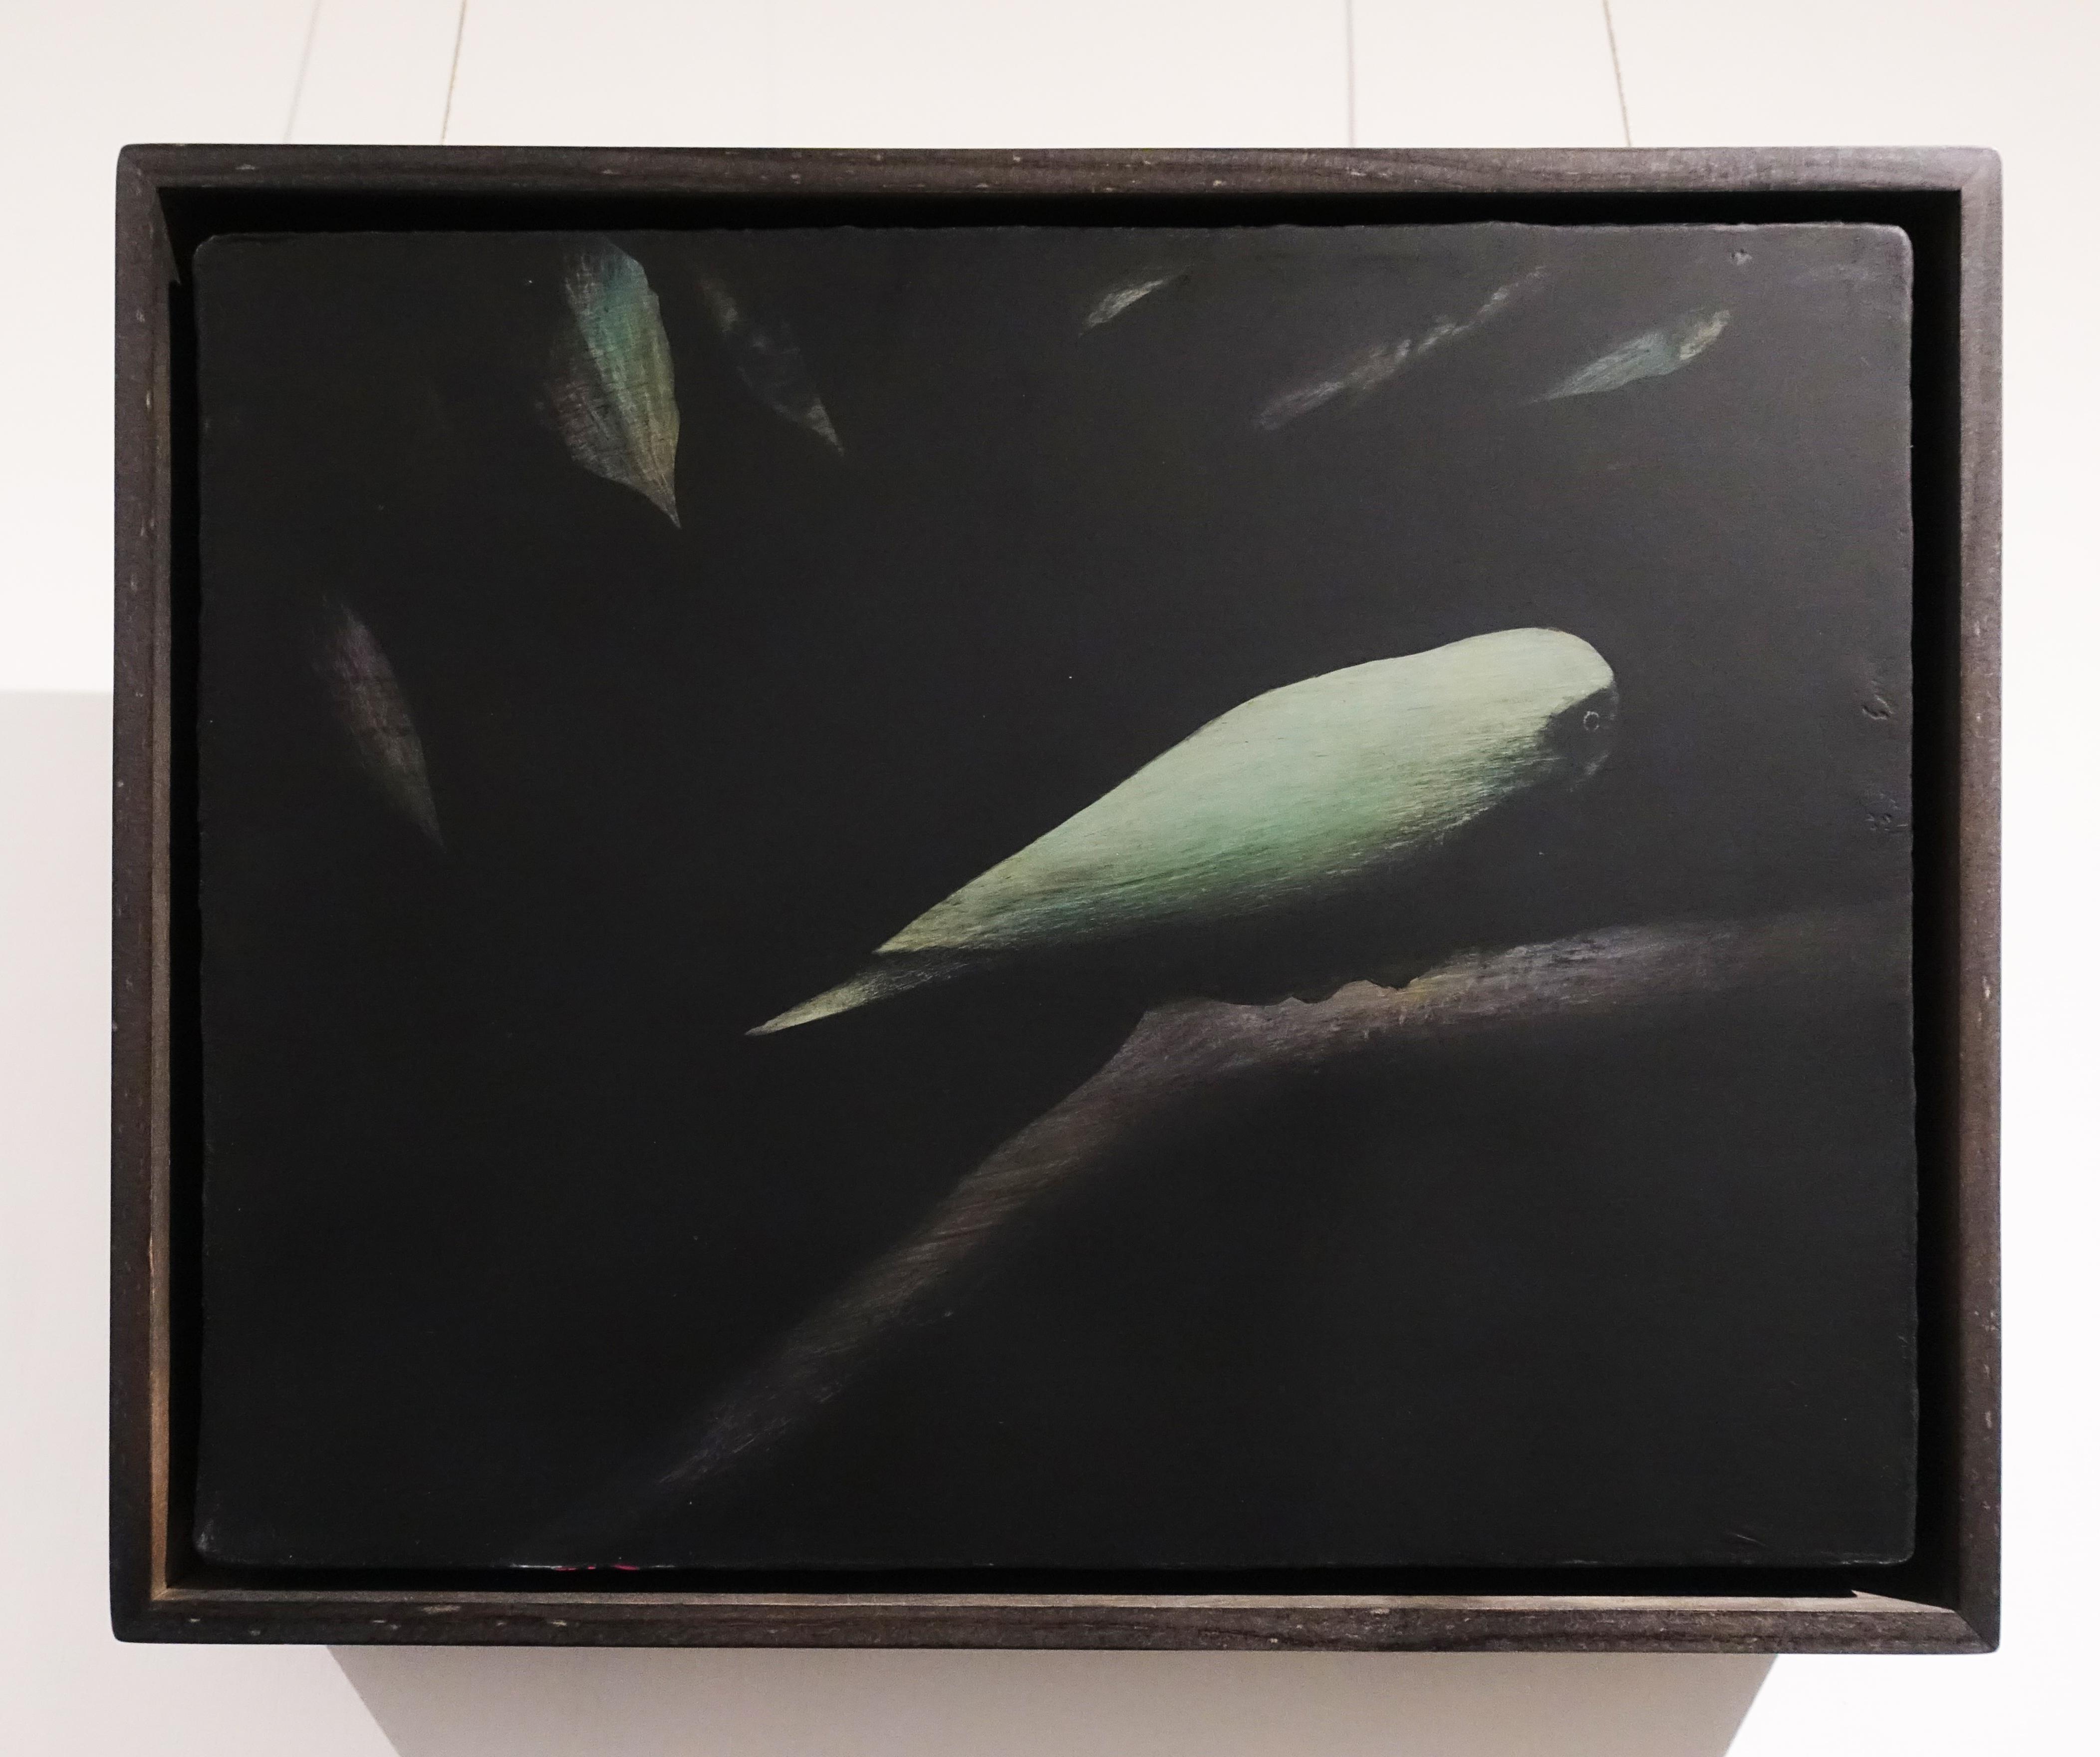 鄭思宇,《瞰》,35 x 27cm,無酸樹脂、壓克力、畫布,2019。